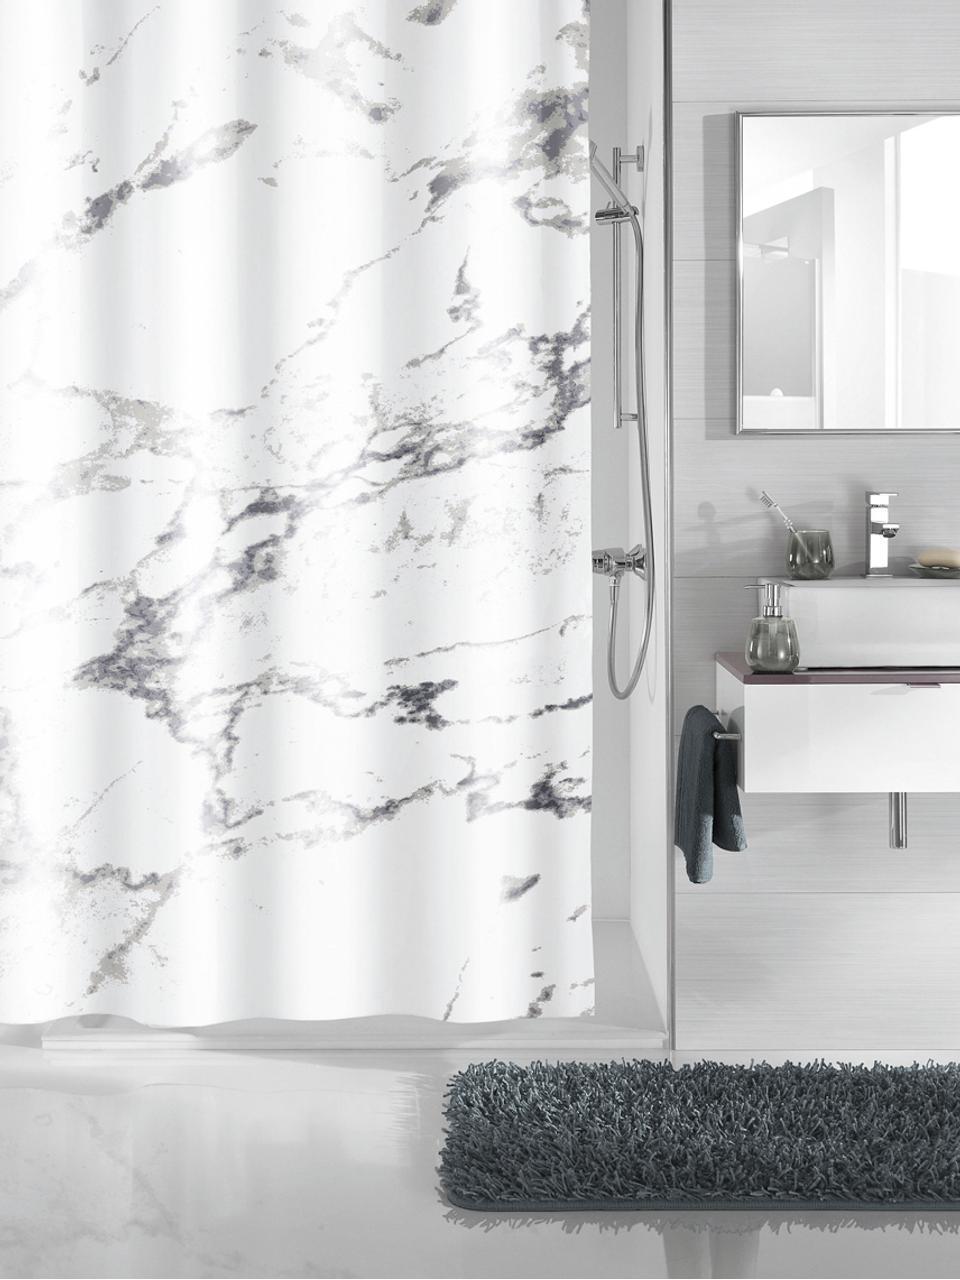 Zasłona prysznicowa Marble, 100% poliester Produkt odporny na wilgoć, niewodoodporny, Antracytowy, biały, S 180 x D 200 cm